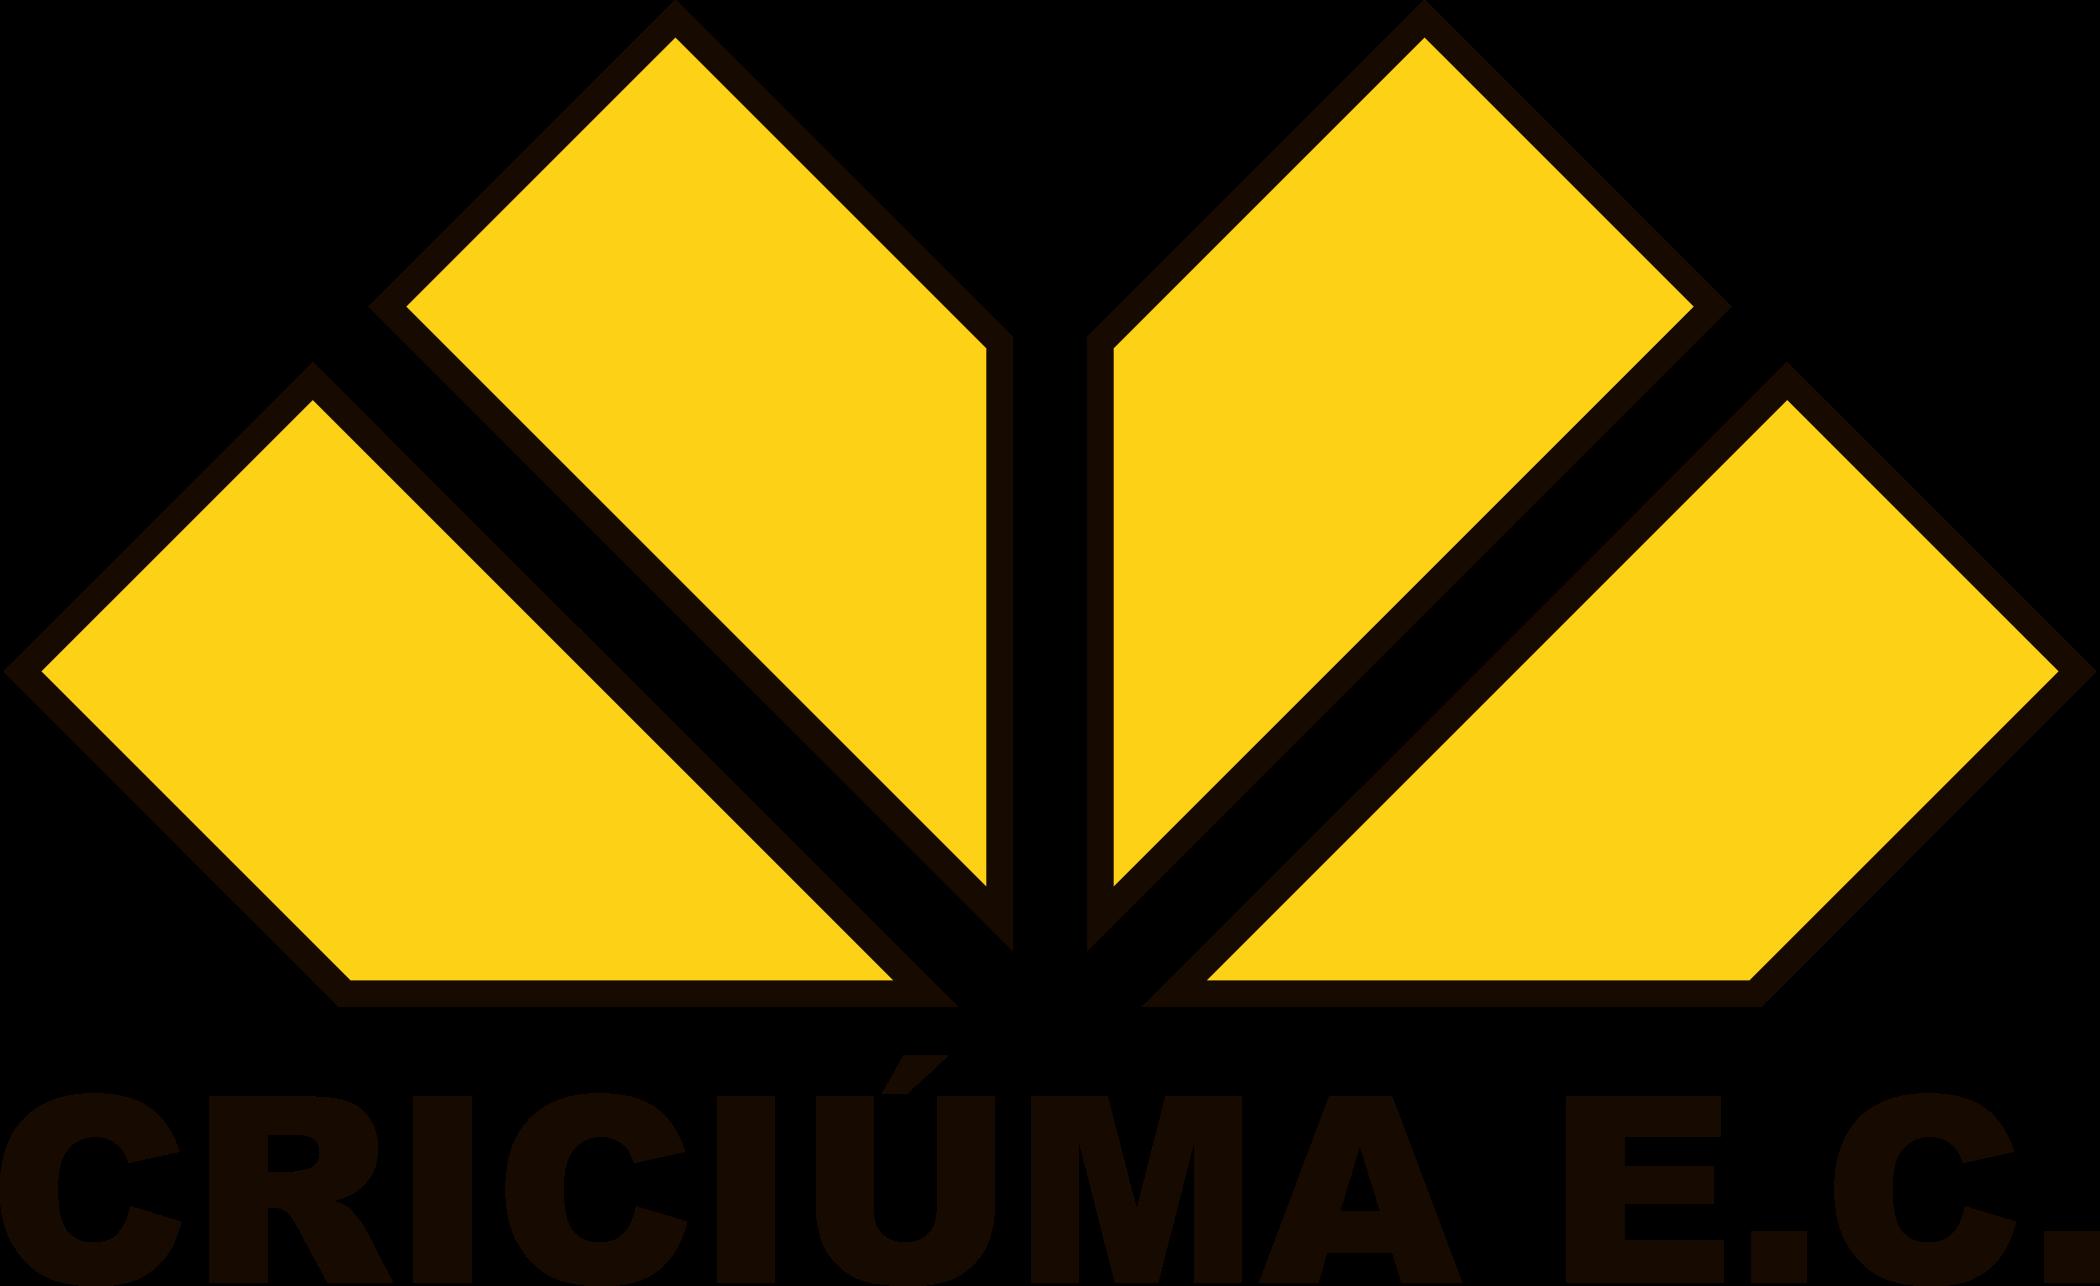 criciuma logo escudo 3 - Criciúma Logo